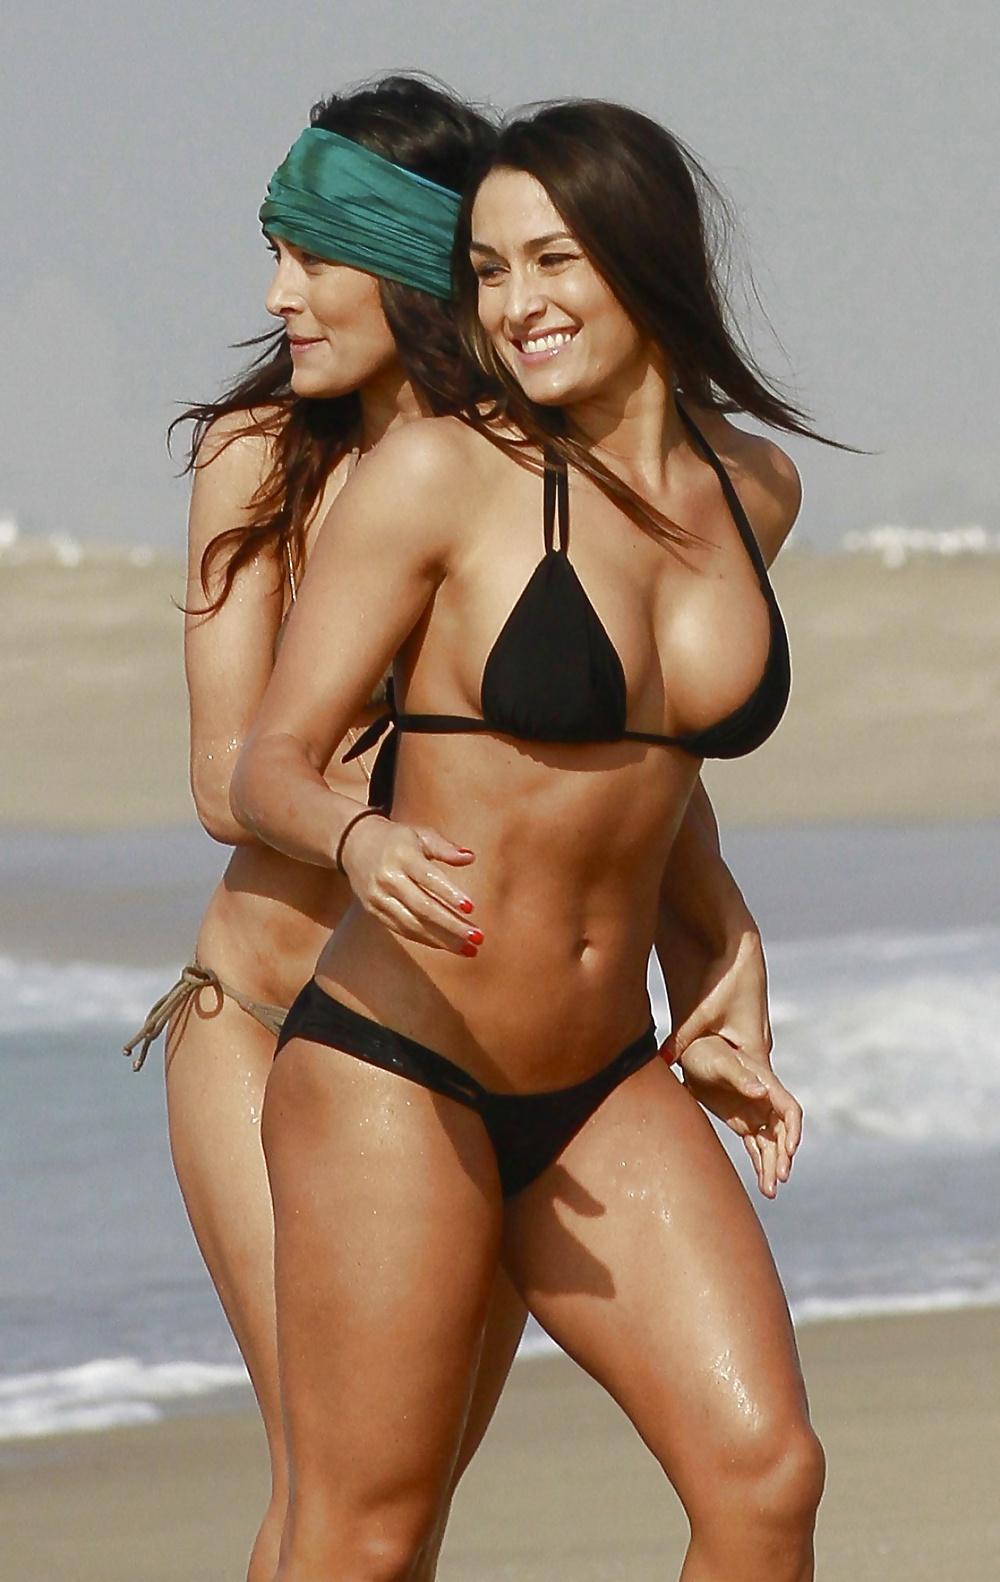 Nicole garcia porn #1